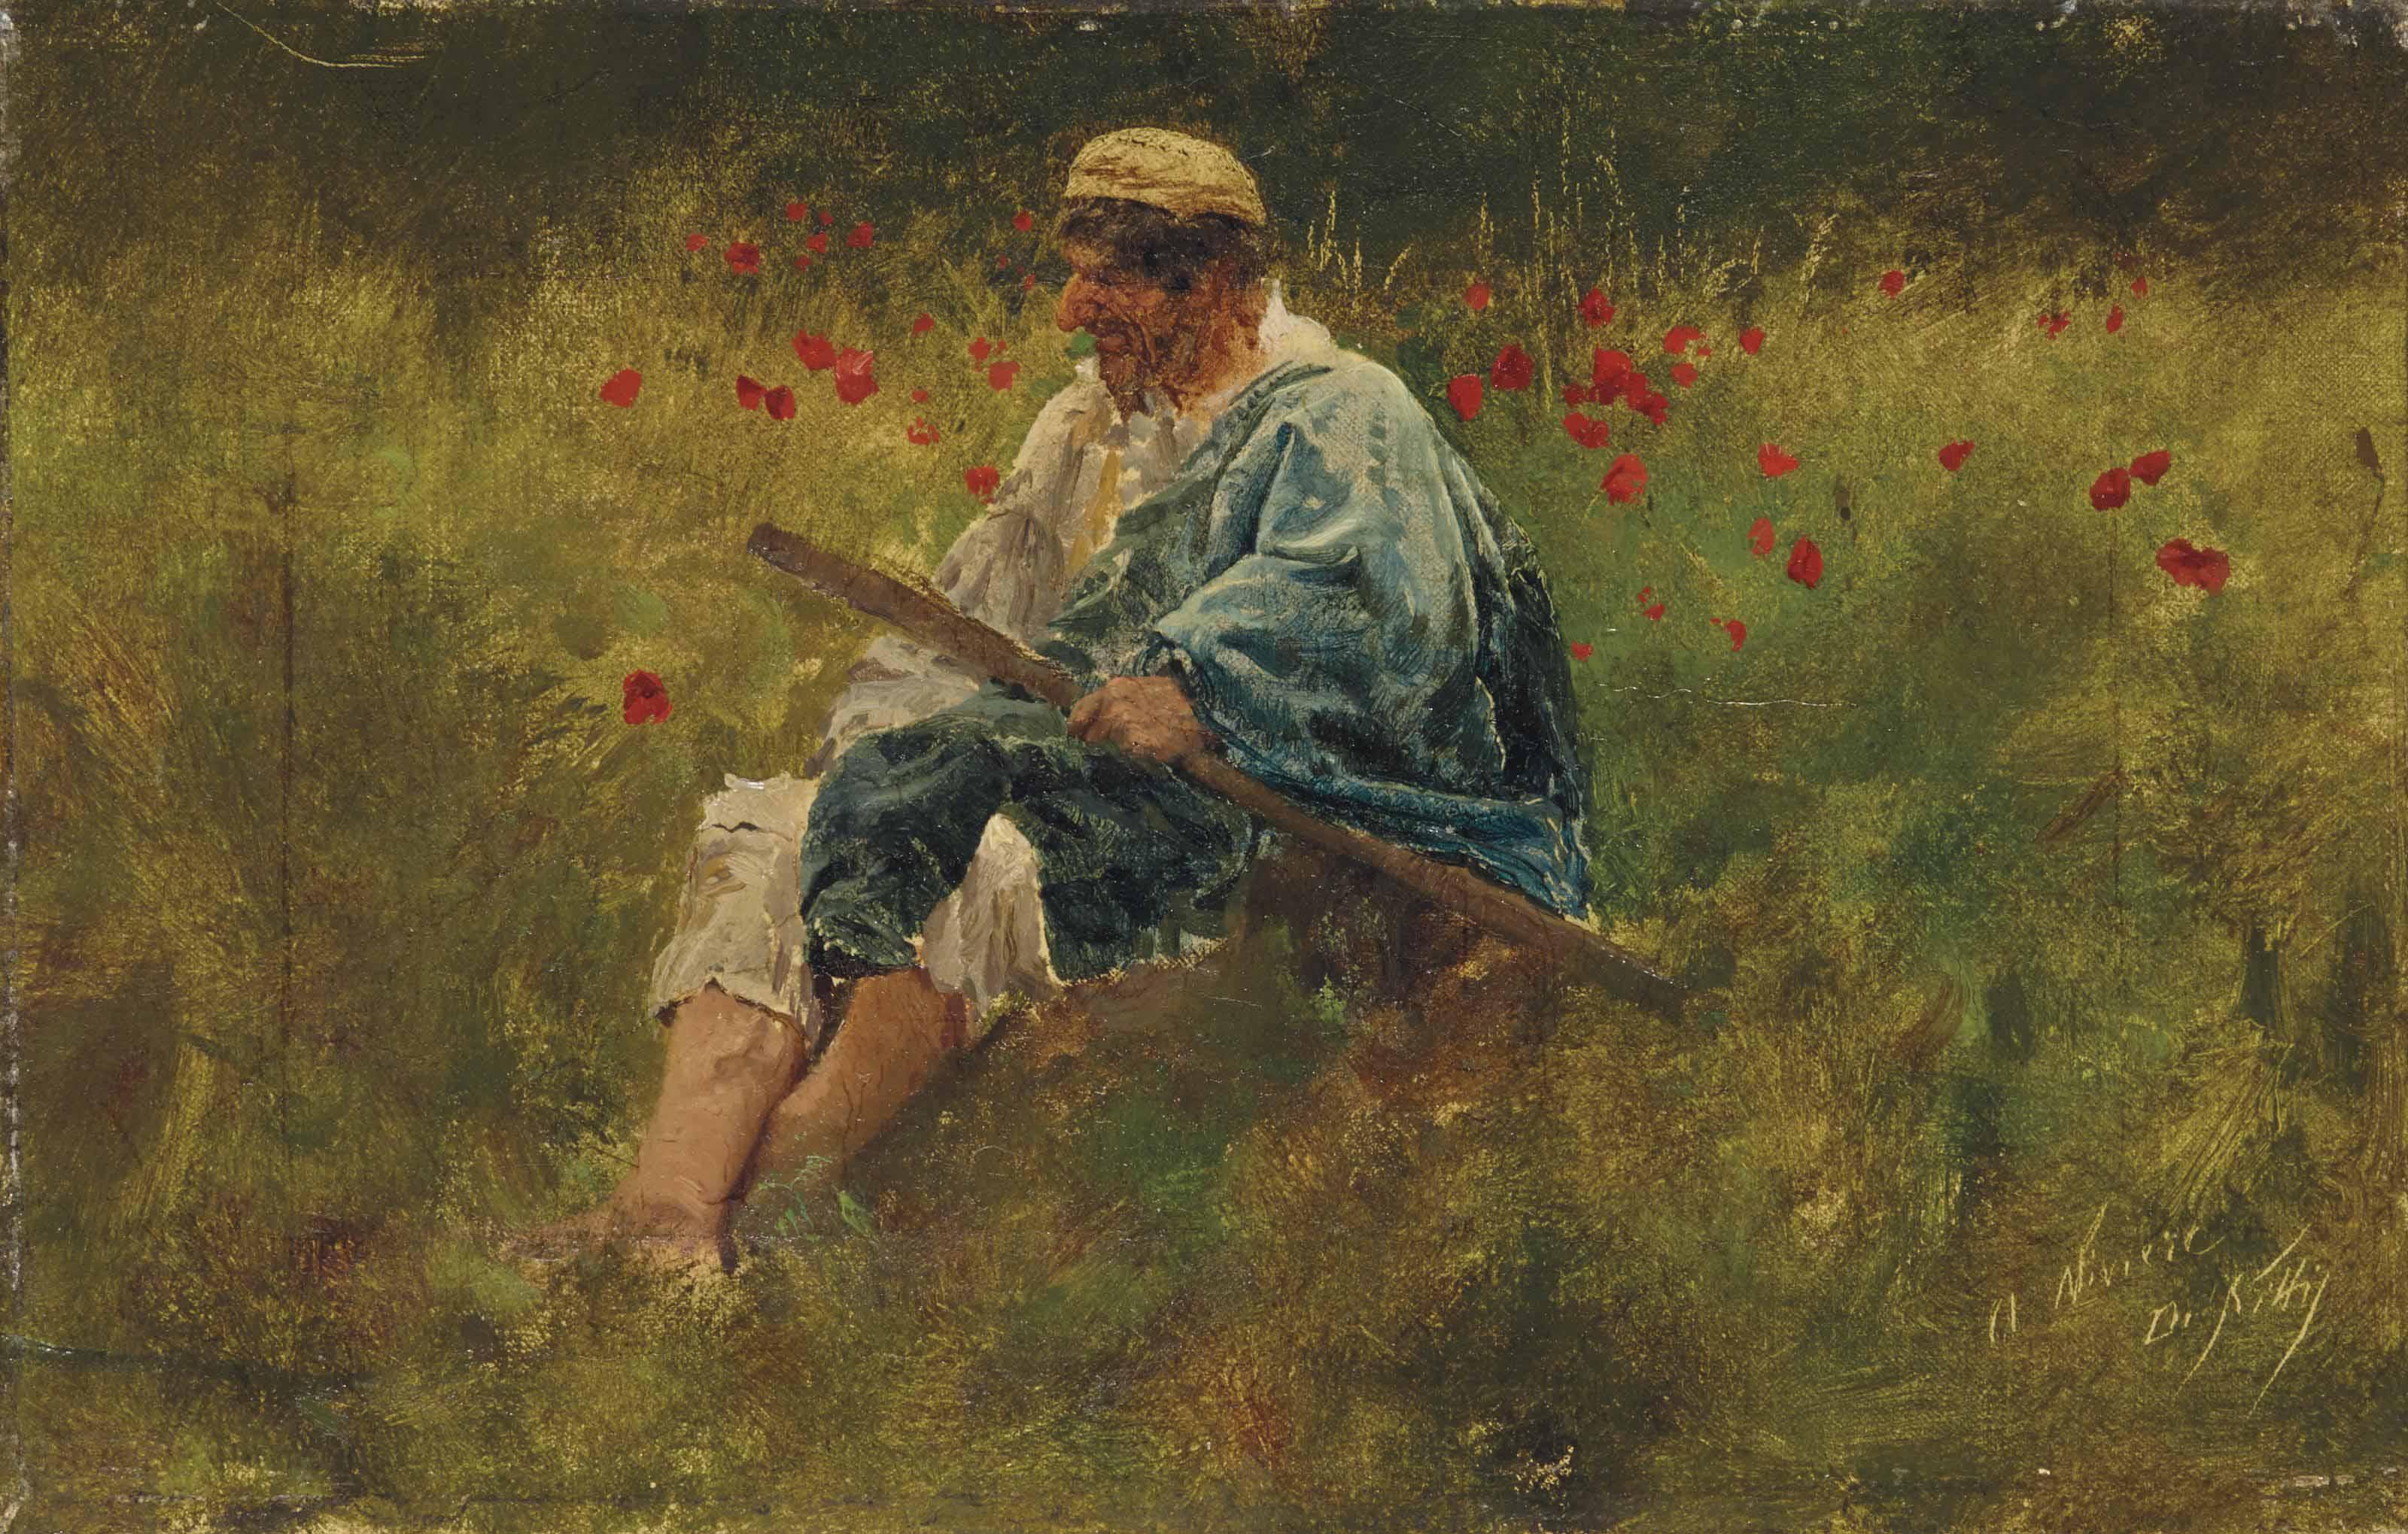 Un berger dans un champ